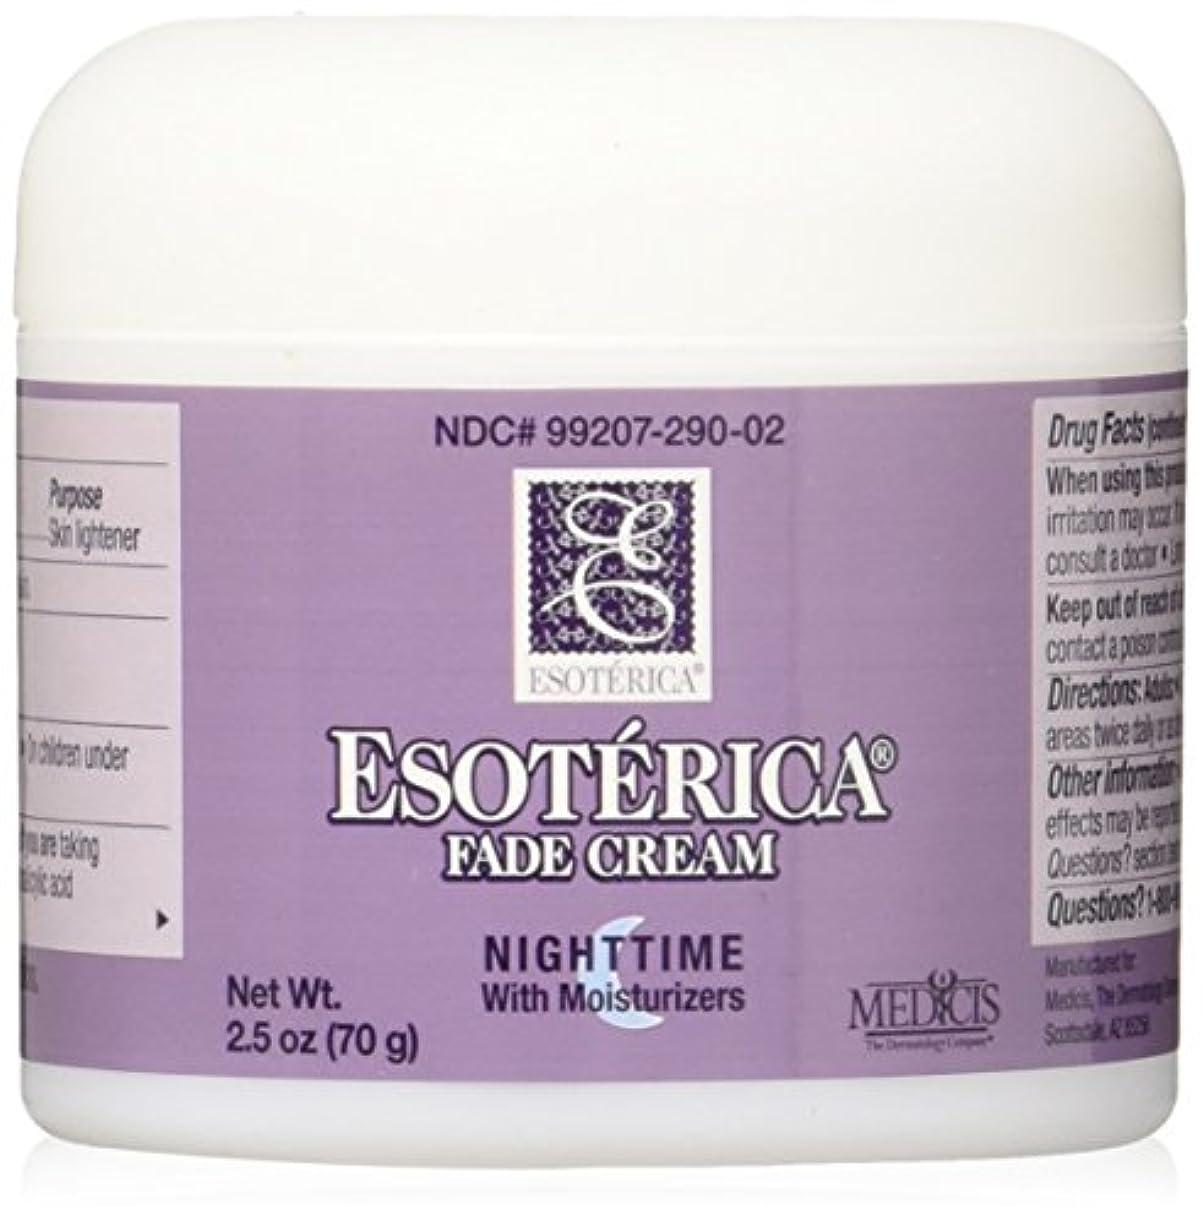 正気立ち向かう夕方海外直送品Esoterica Fade Cream Nighttime With Moisturizers, 2.5 oz by Esoterica